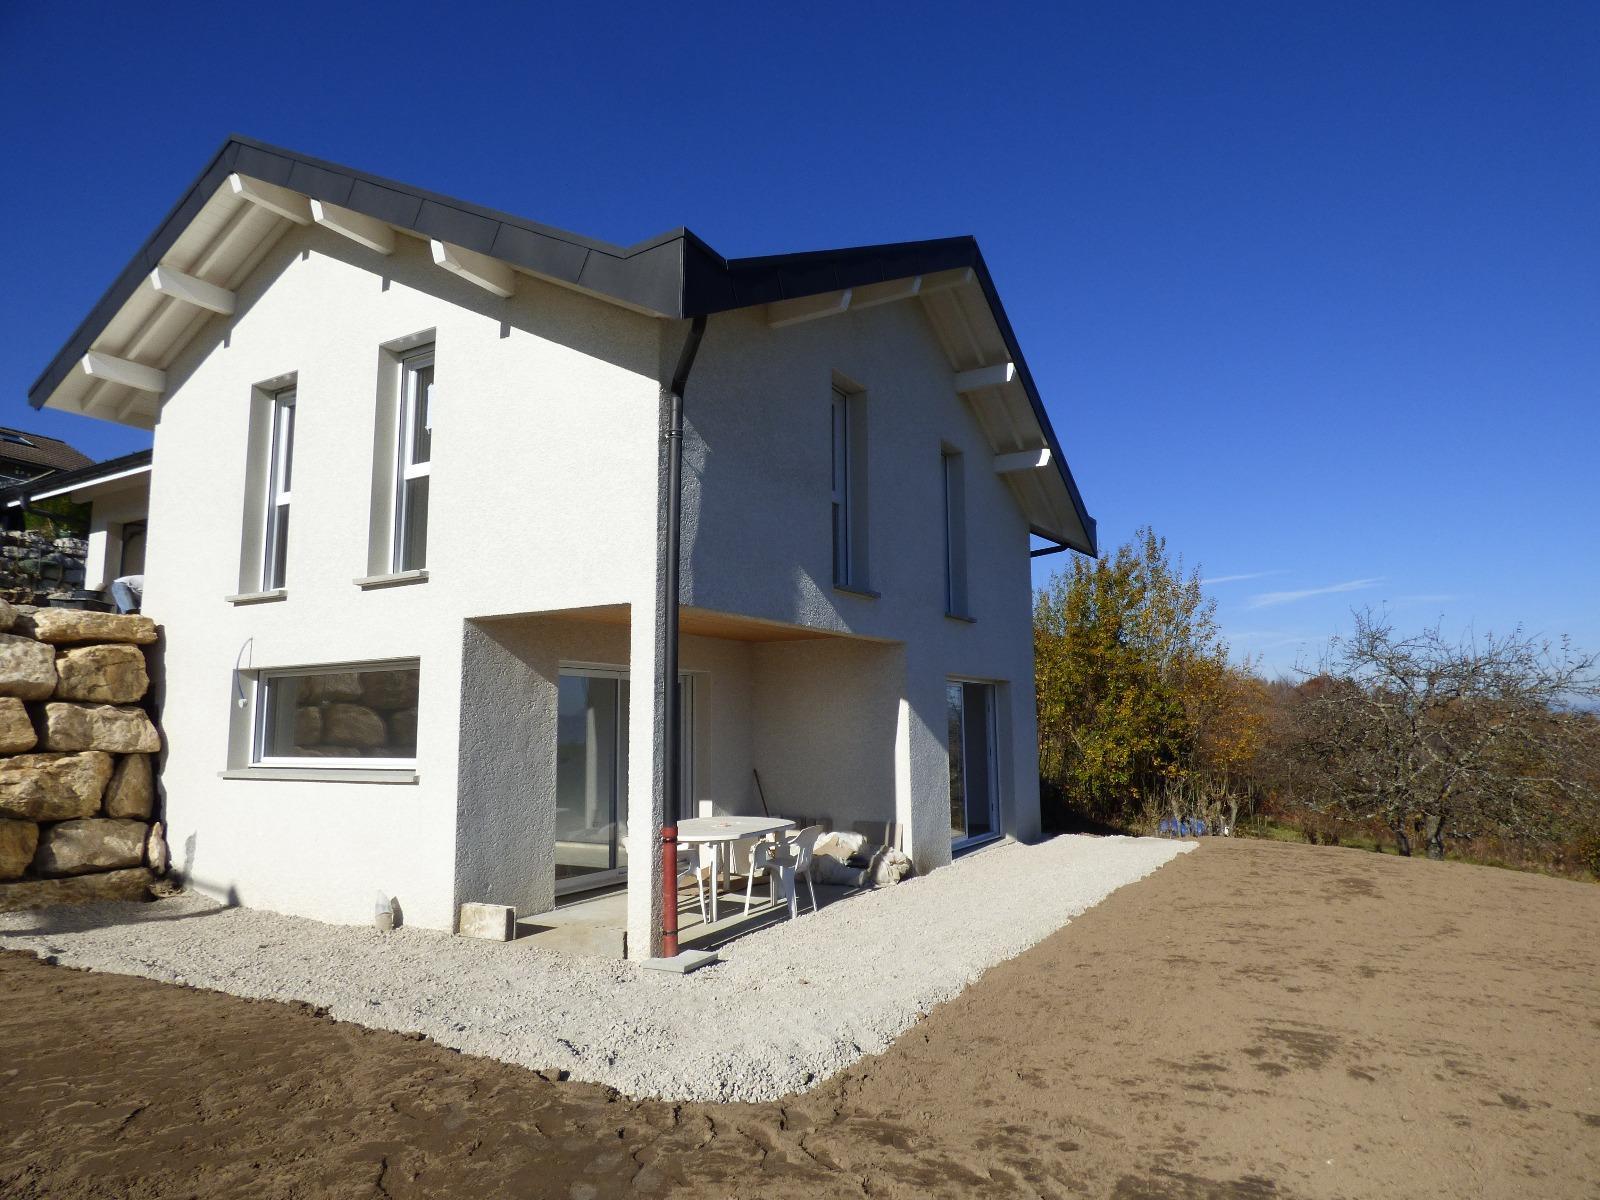 Annonce location maison etaux 74800 120 m 1 580 for Annonce location maison